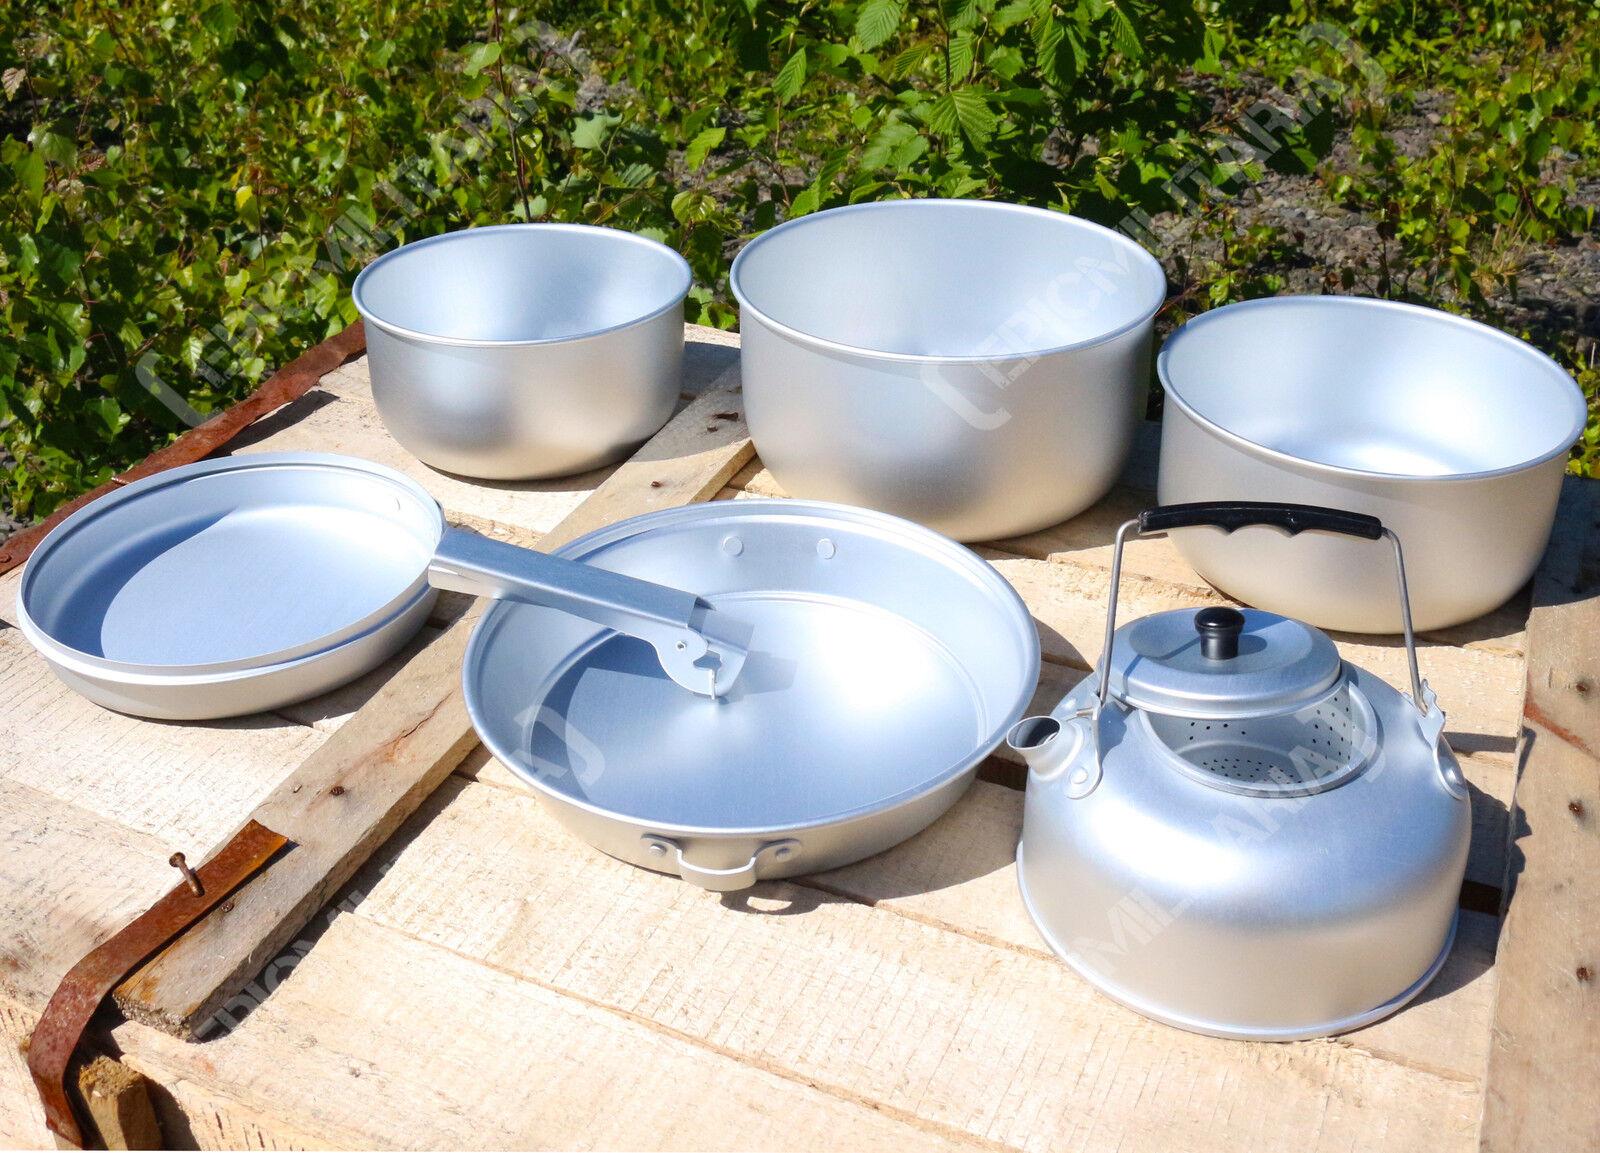 5 Teile Tragbar Zelten Kochset Set und Wasserkessel leicht Wandern Outdoor